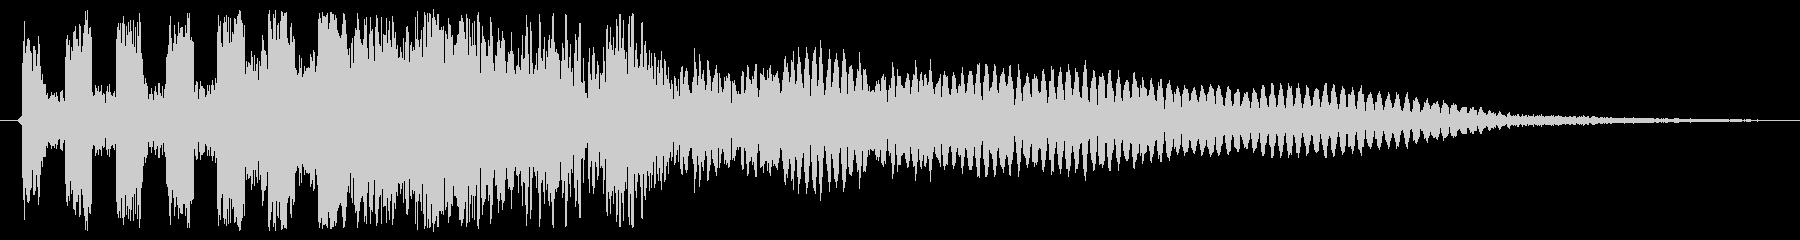 「ビュビュビュビュビューン(シンセ音)」の未再生の波形